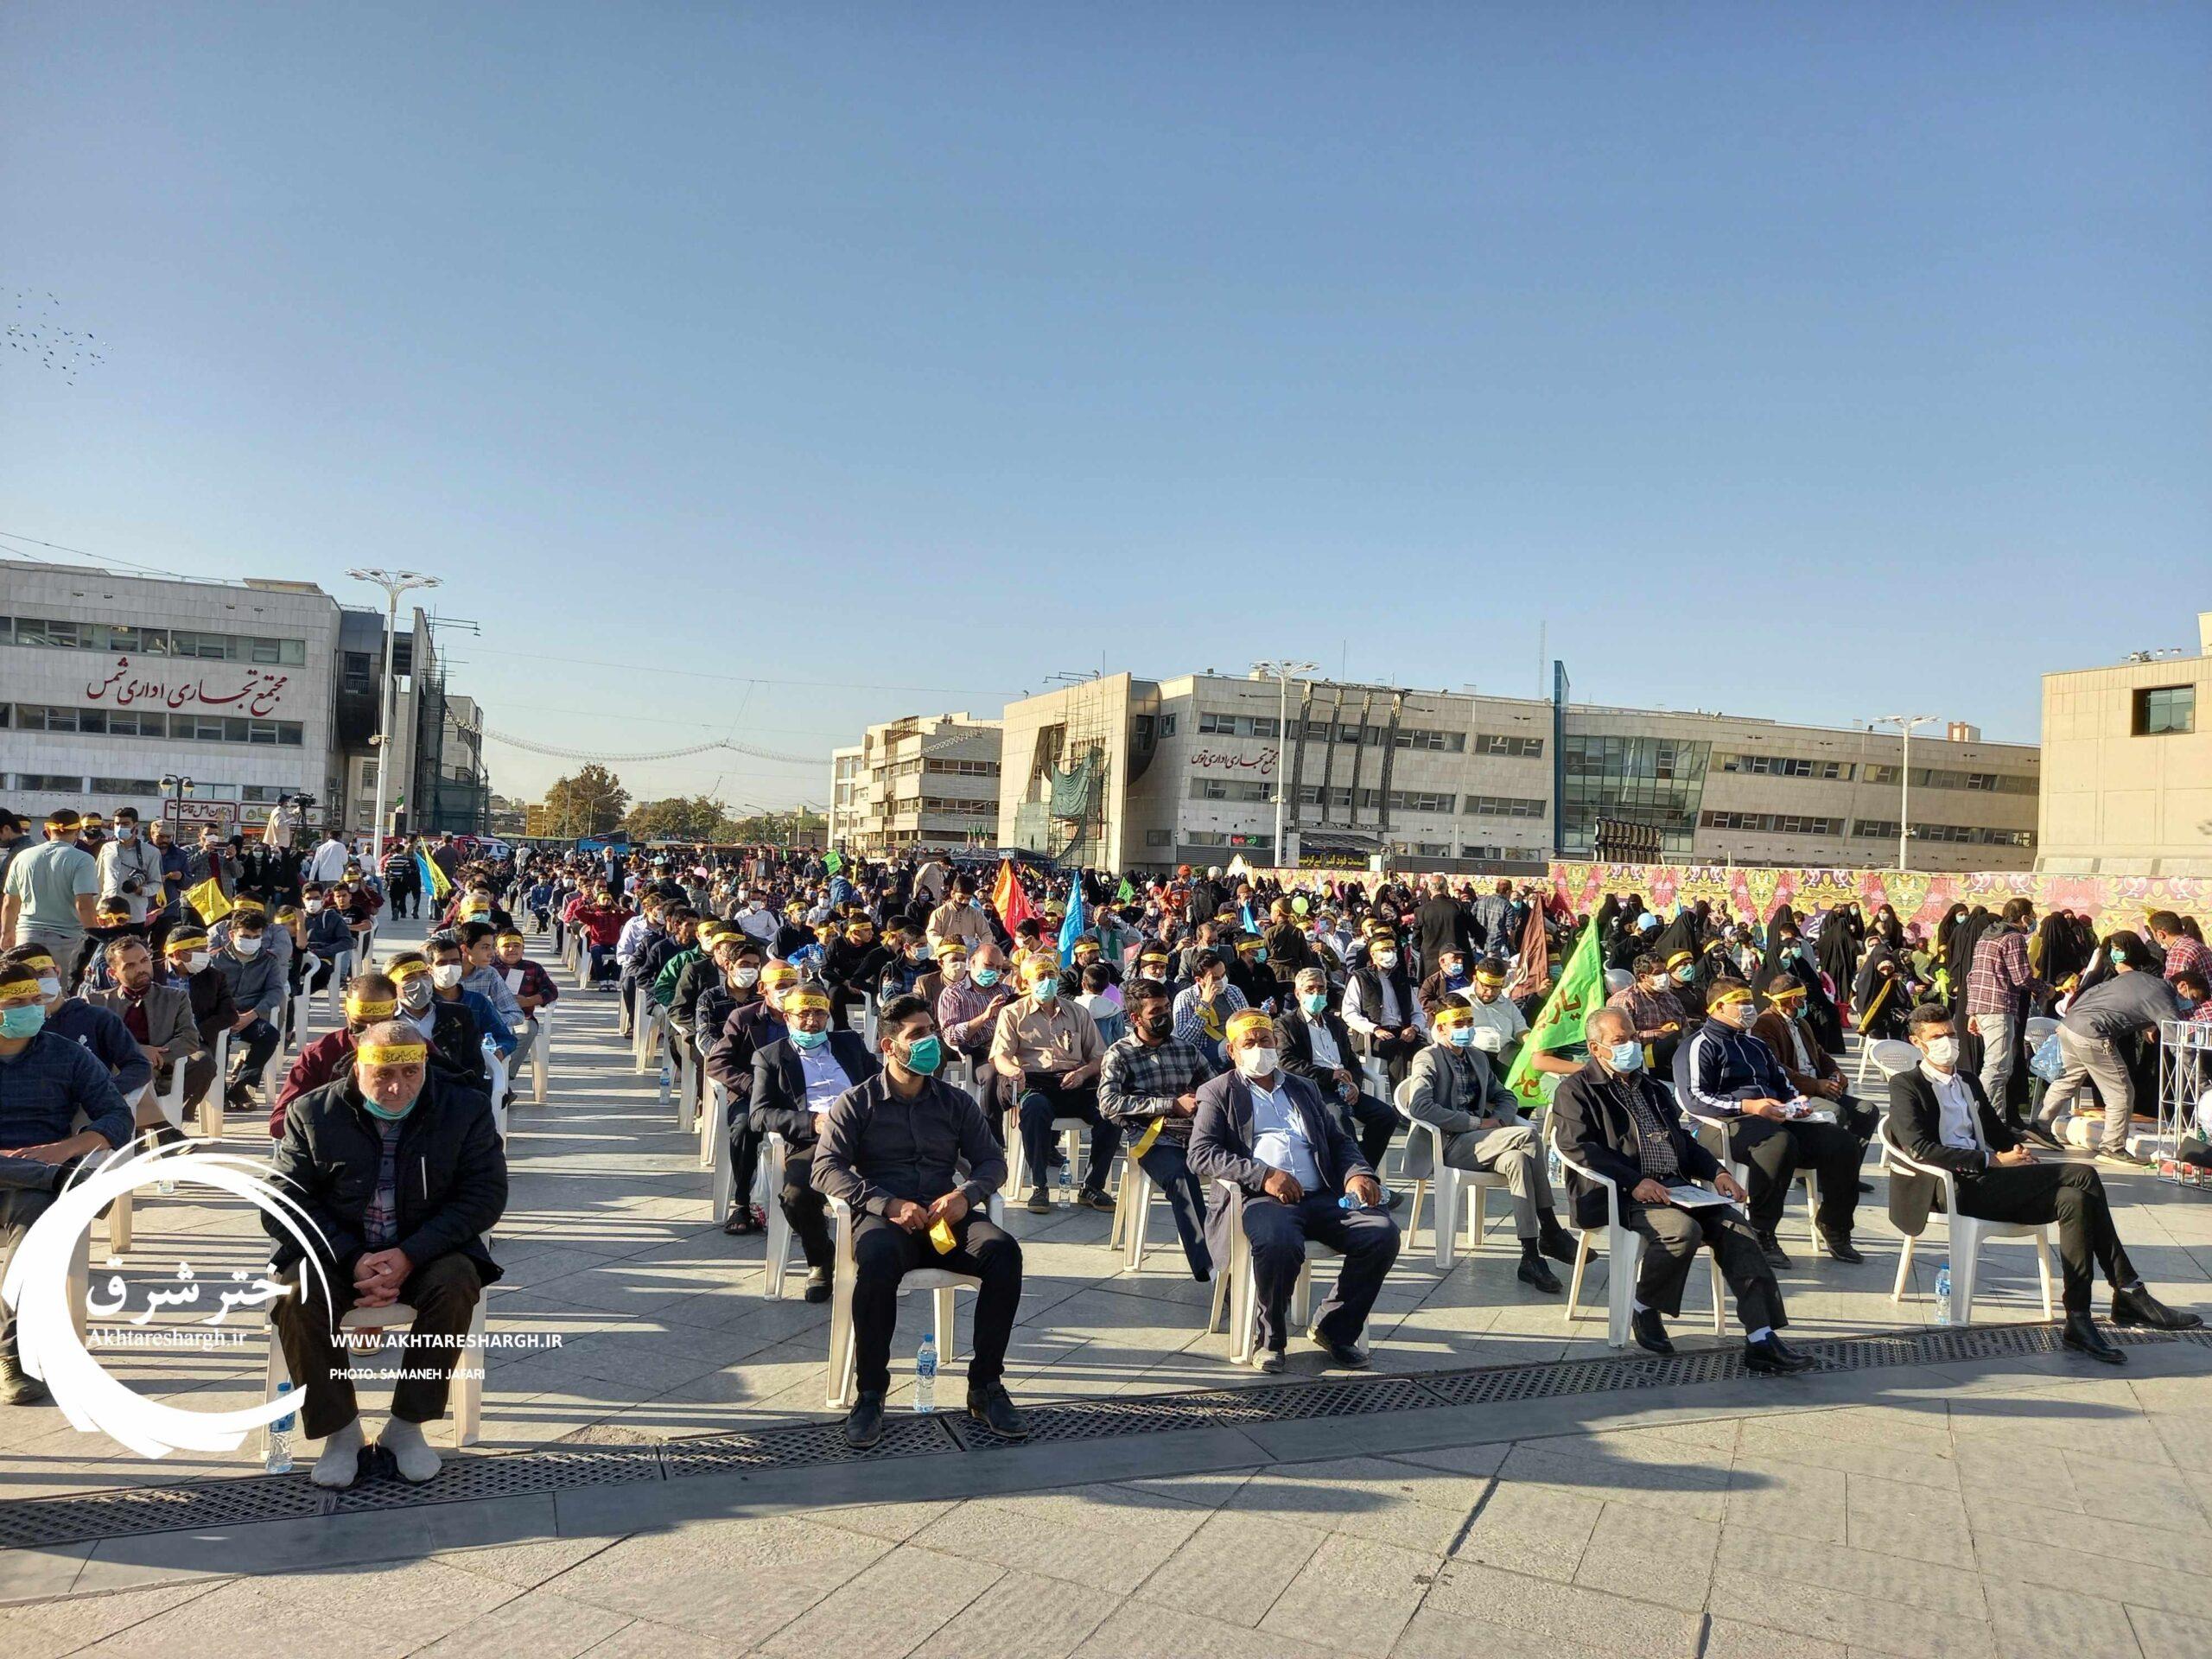 گزارش تصویری از برگزاری اجتماع عظیم مردمی عید مبعث با امام زمان (عج) در مشهد